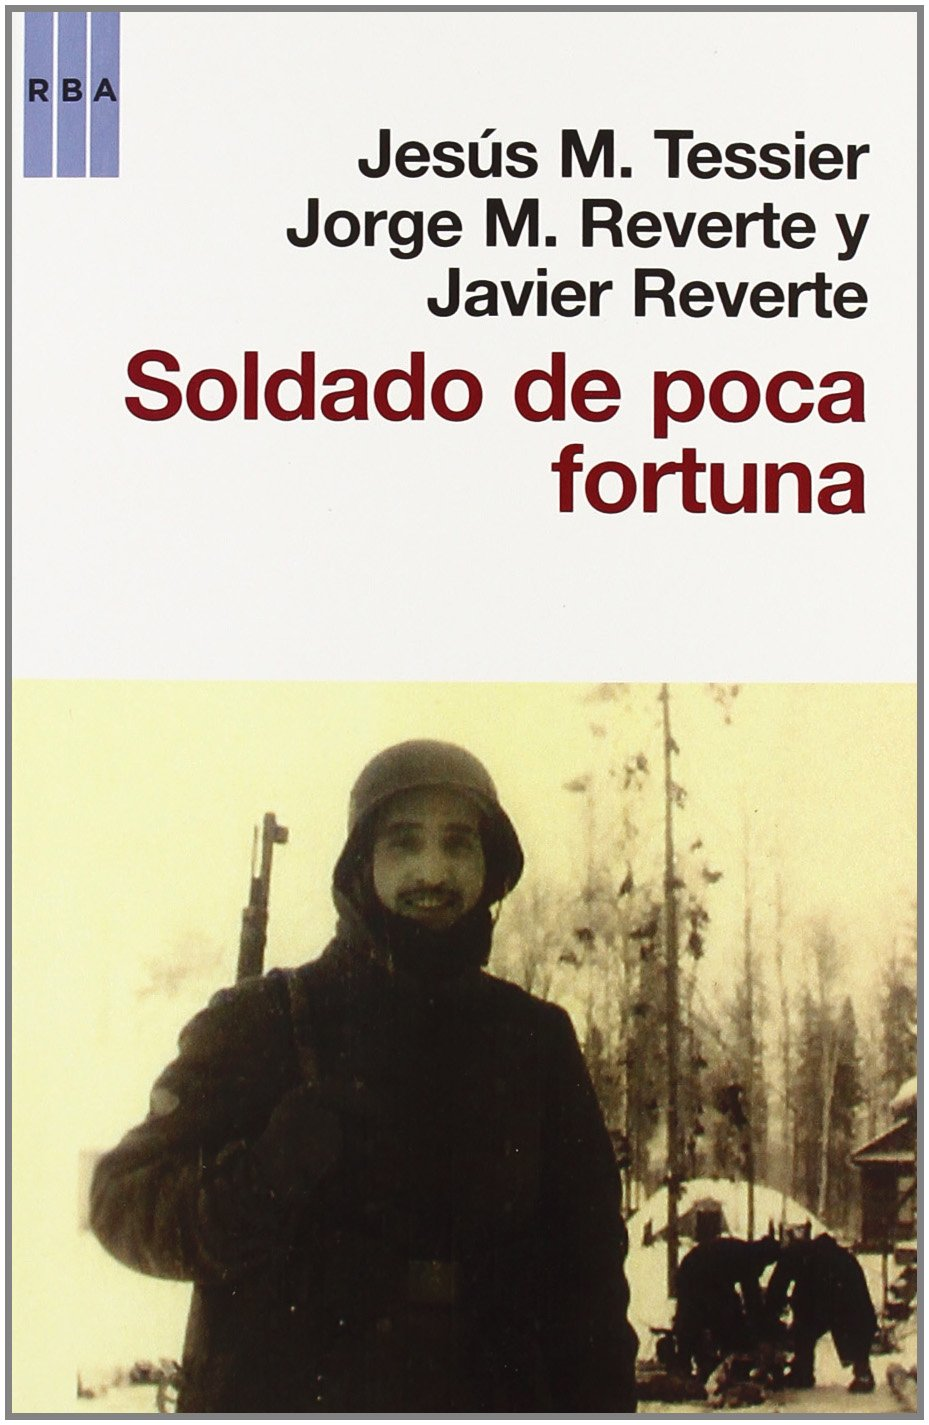 soldado_fortuna.jpg